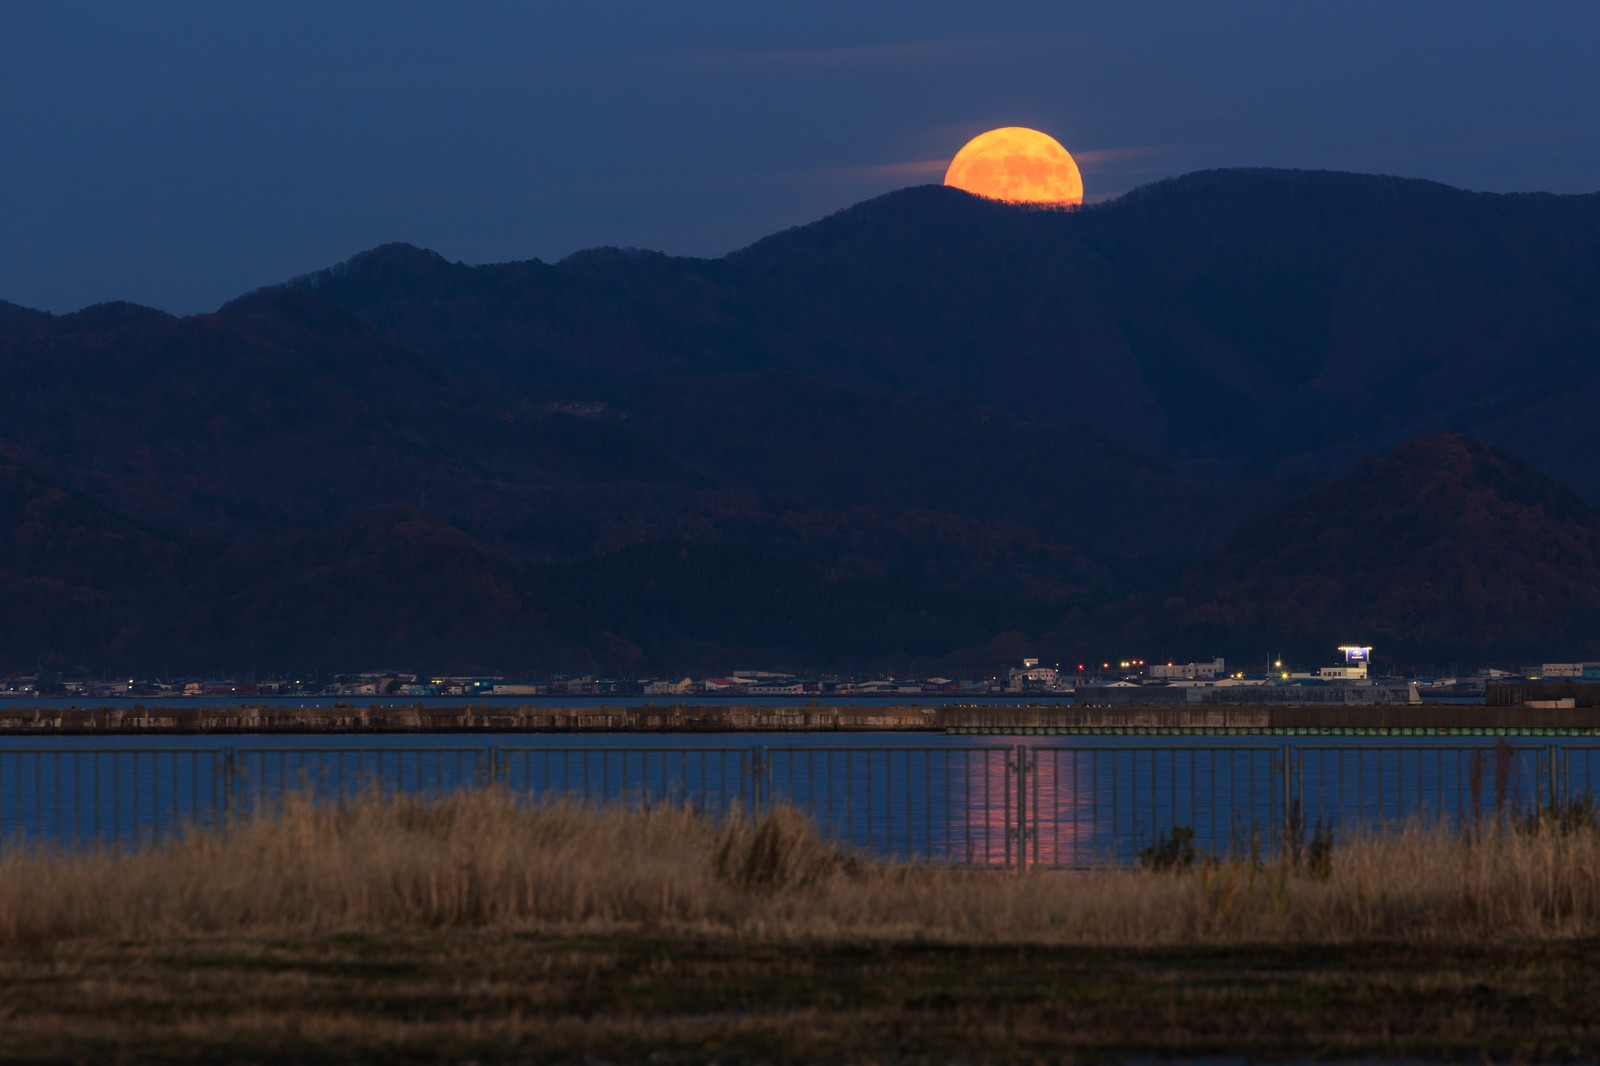 「満月こんにちは」の写真